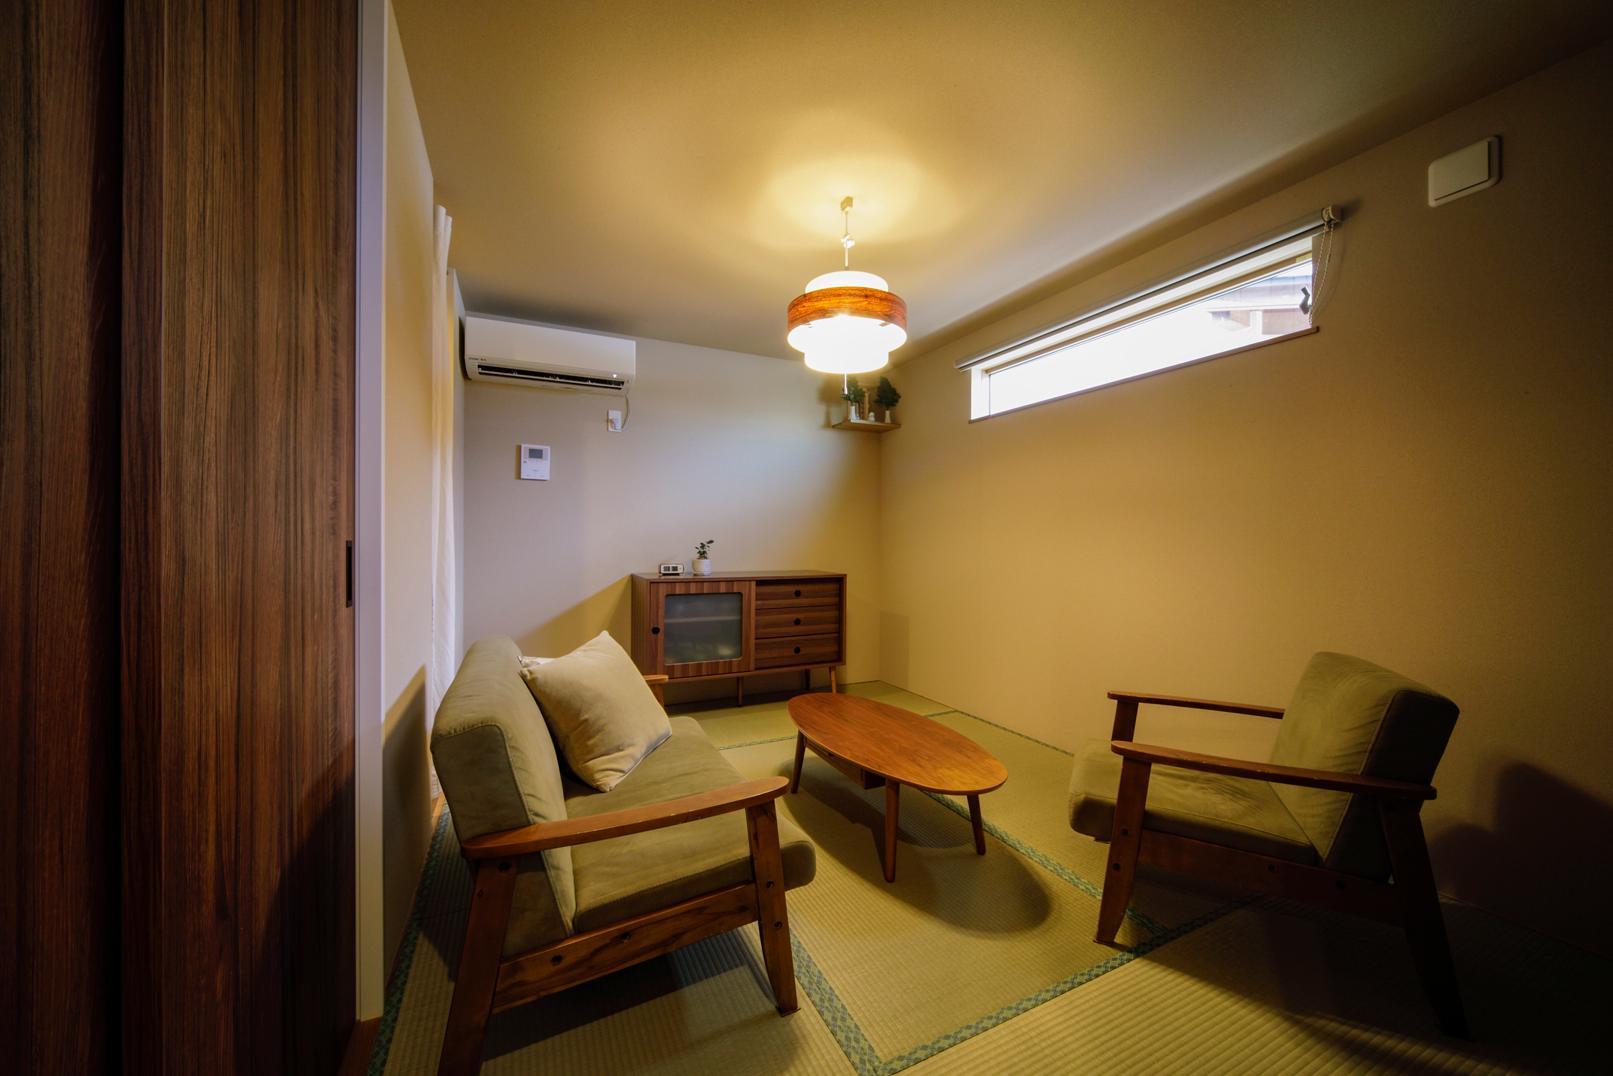 株式会社ユースフルハウス「眺望のある暮らし」の居室の実例写真